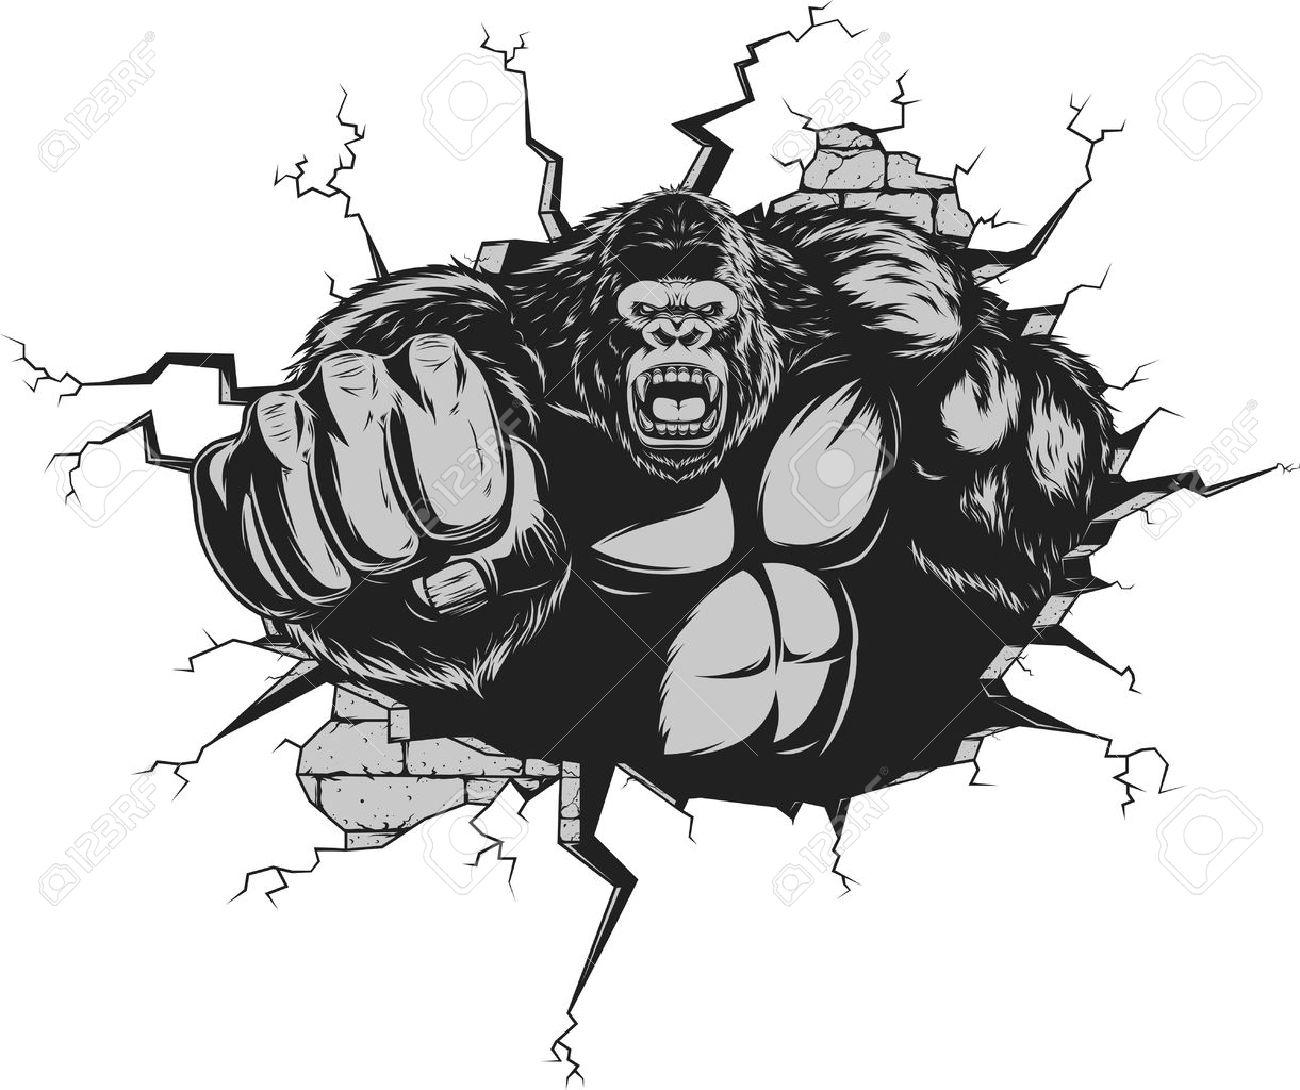 [62] [Bruno] [Andaruca] ÇA FAIT PLAIZ !!! - Page 15 44196630-Vector-illustration-le-gorille-f-roce-a-frapp-le-mur-avec-son-poing-Banque-d%27images